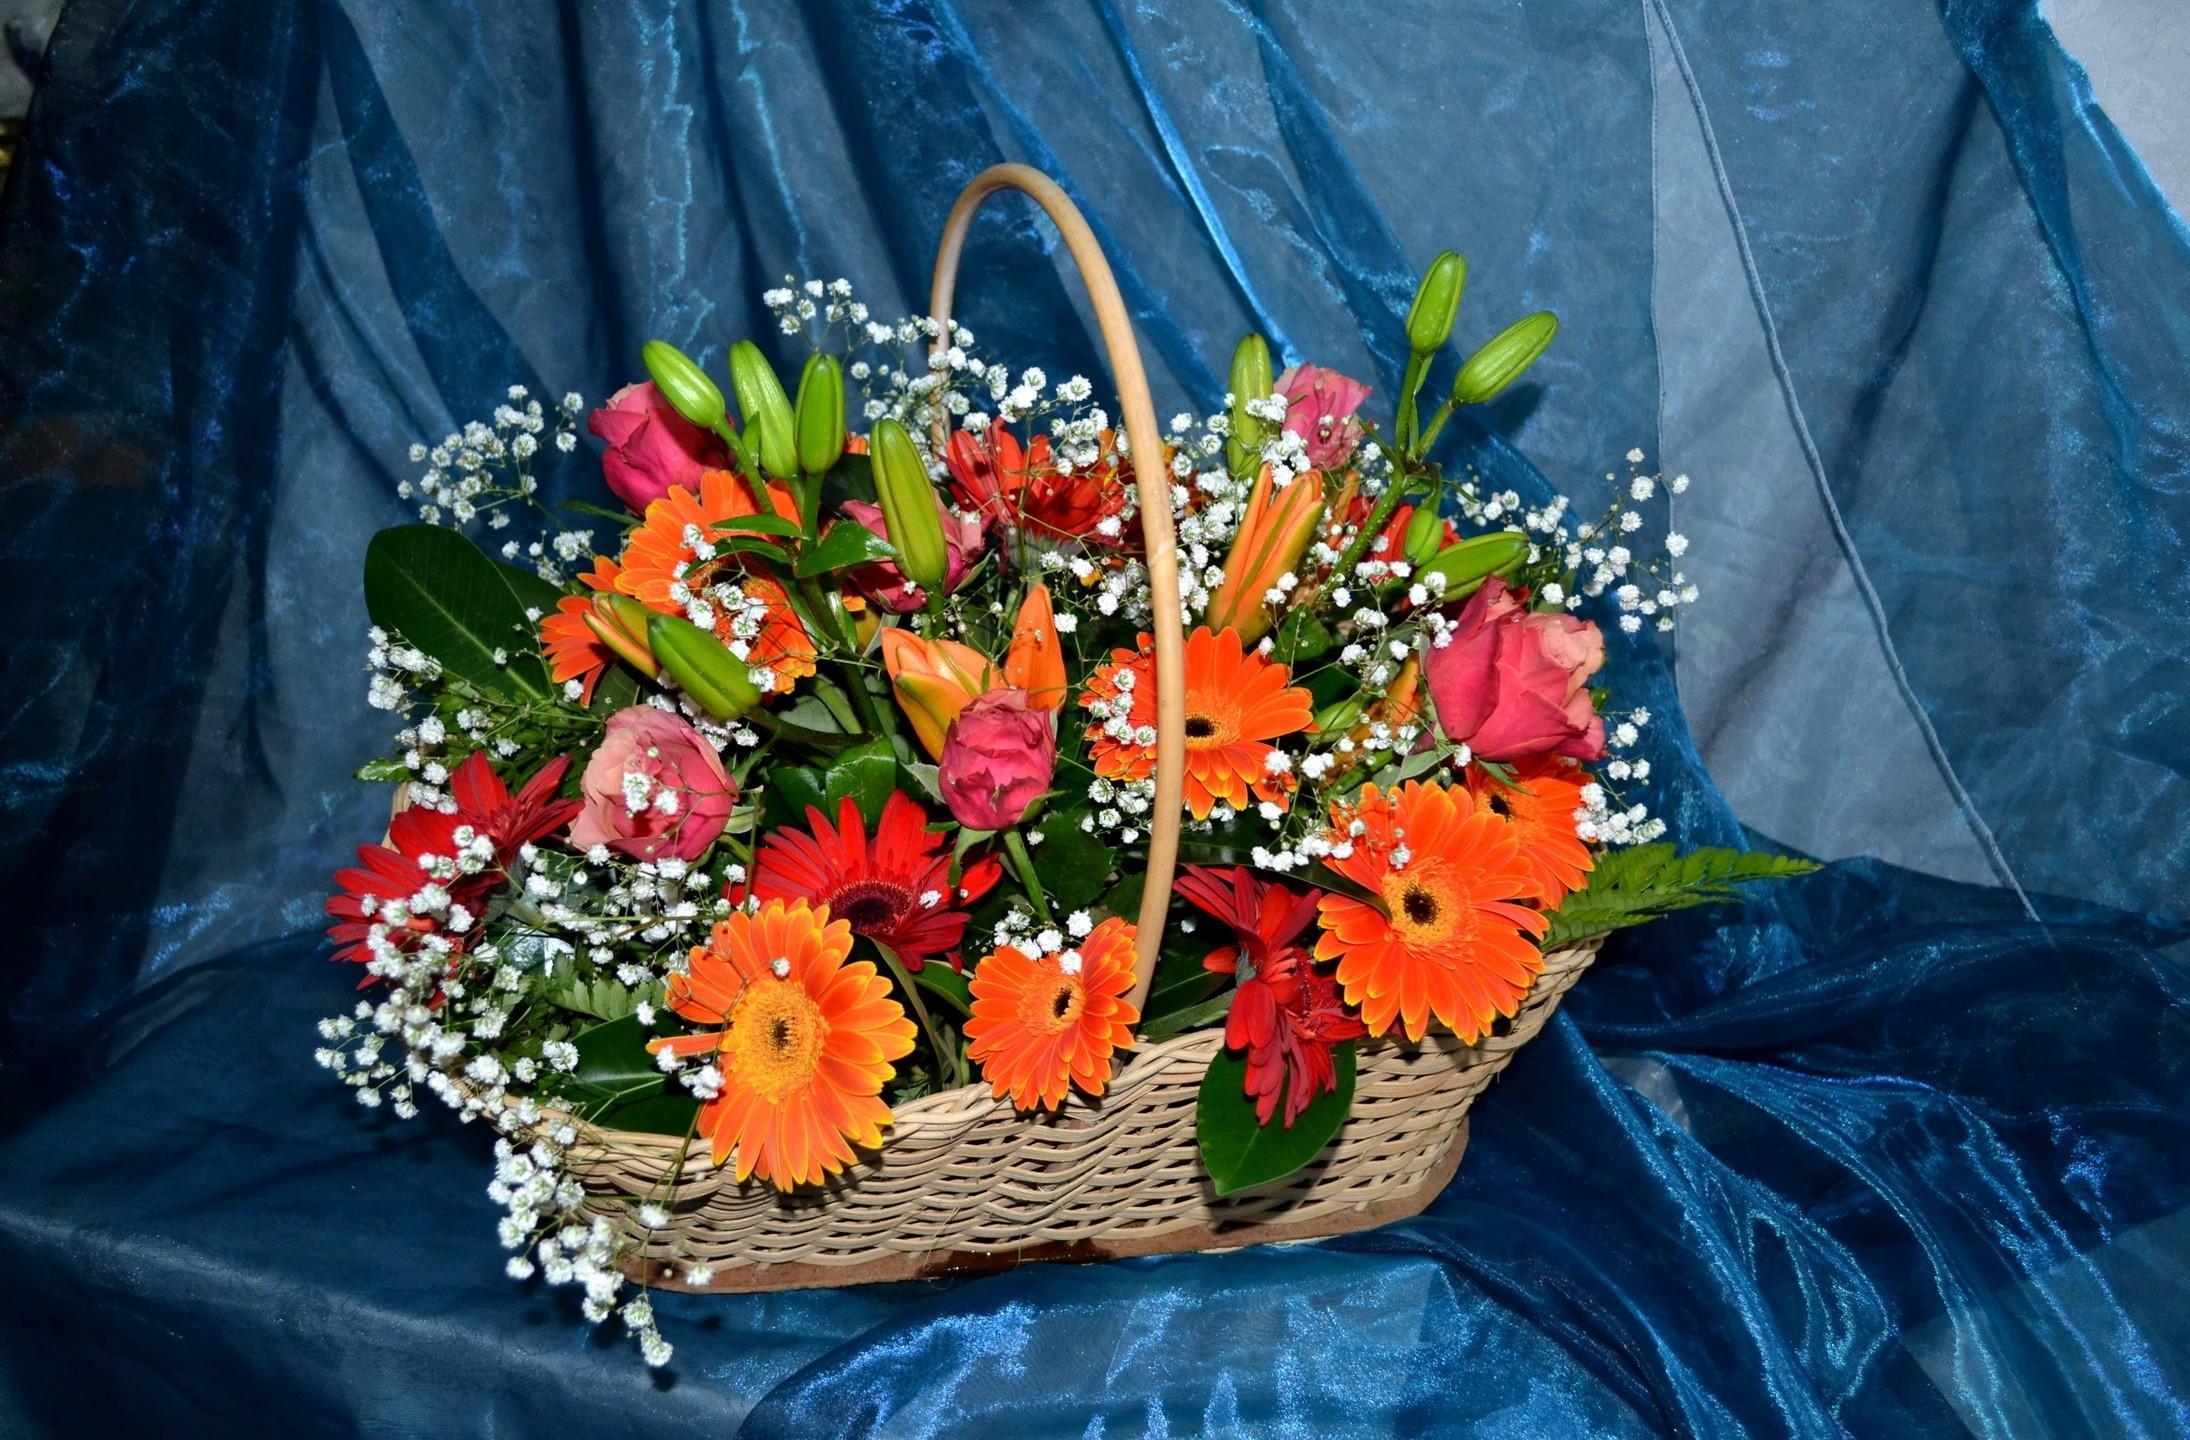 104799 скачать обои Цветы, Лилии, Гипсофил, Корзина, Композиция, Ткань, Розы, Герберы - заставки и картинки бесплатно